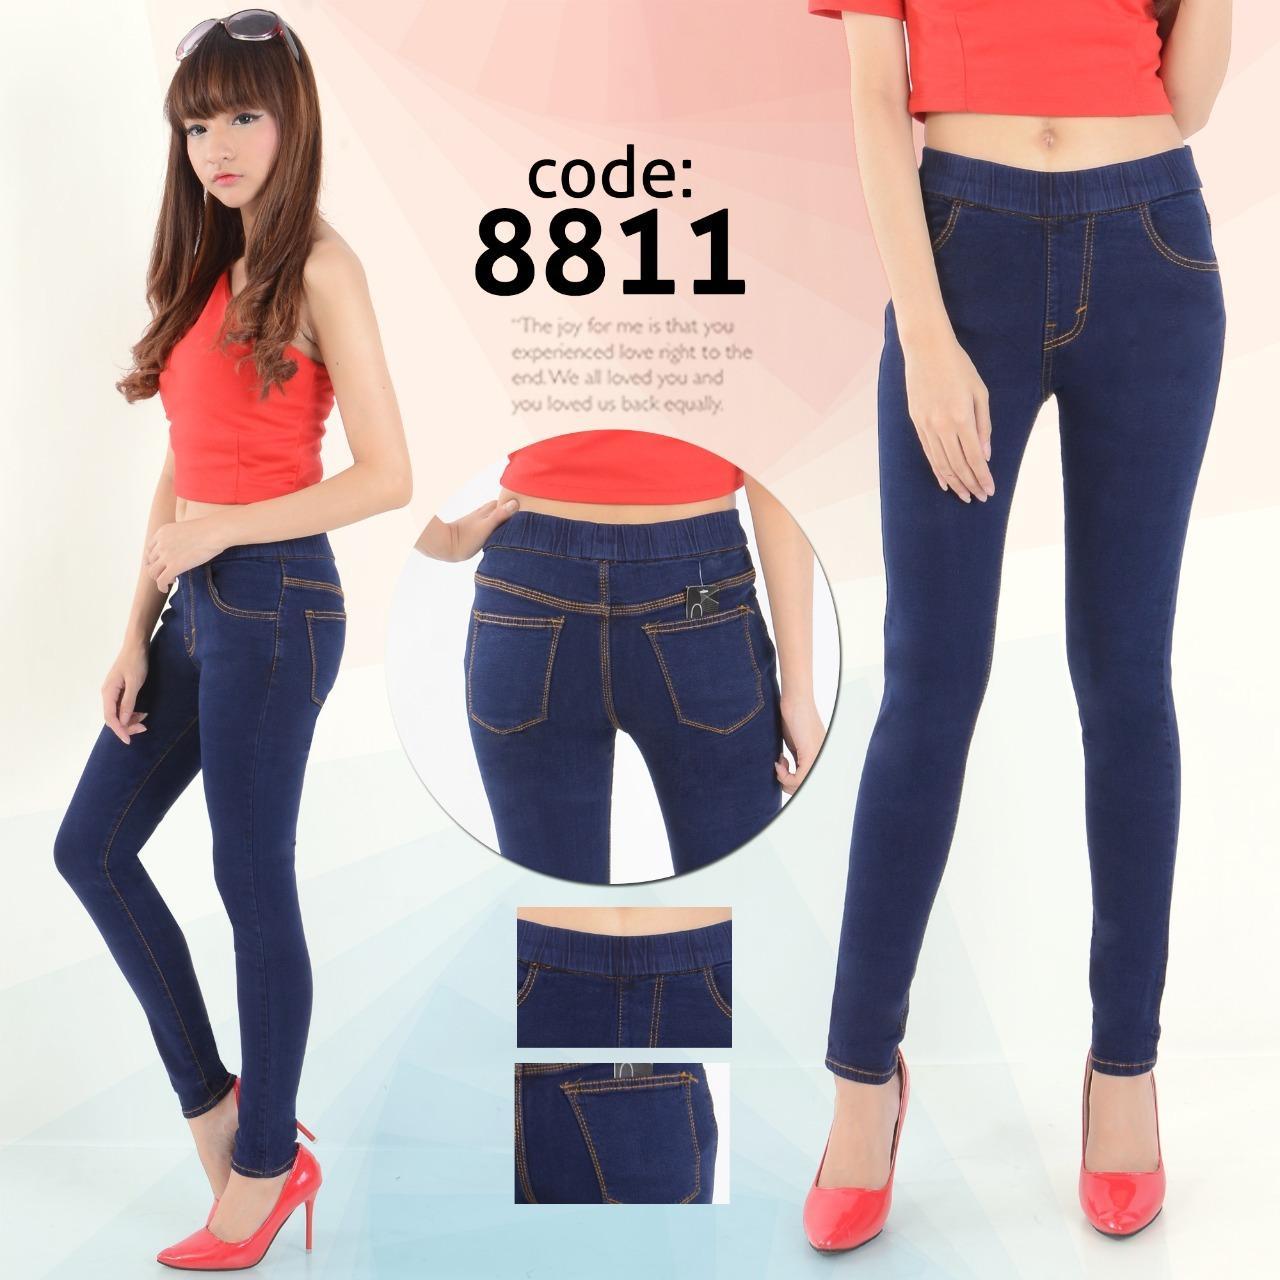 Nusantara Jeans Celana Wanita Jegging Jeans Legging Skinny Street Denim Formal Standar Berbahan Denim Celana Panjang Wanita Pendek Jumbo Kerah Sepatu Koko Motif